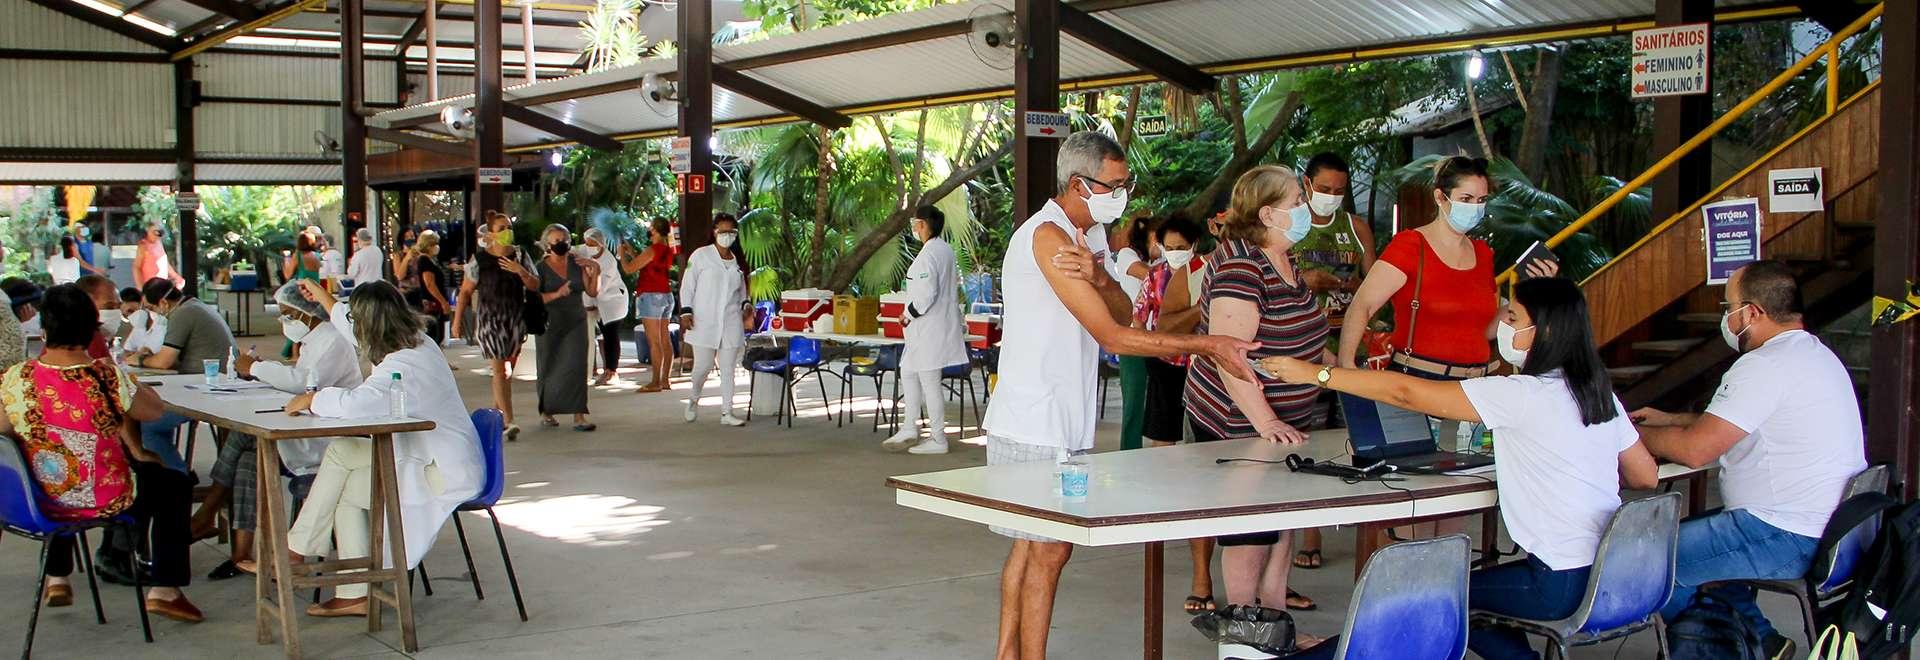 Igreja Cristã Maranata disponibiliza espaço em Maanaim no Município de Vitória, ES, para aplicação de vacinas